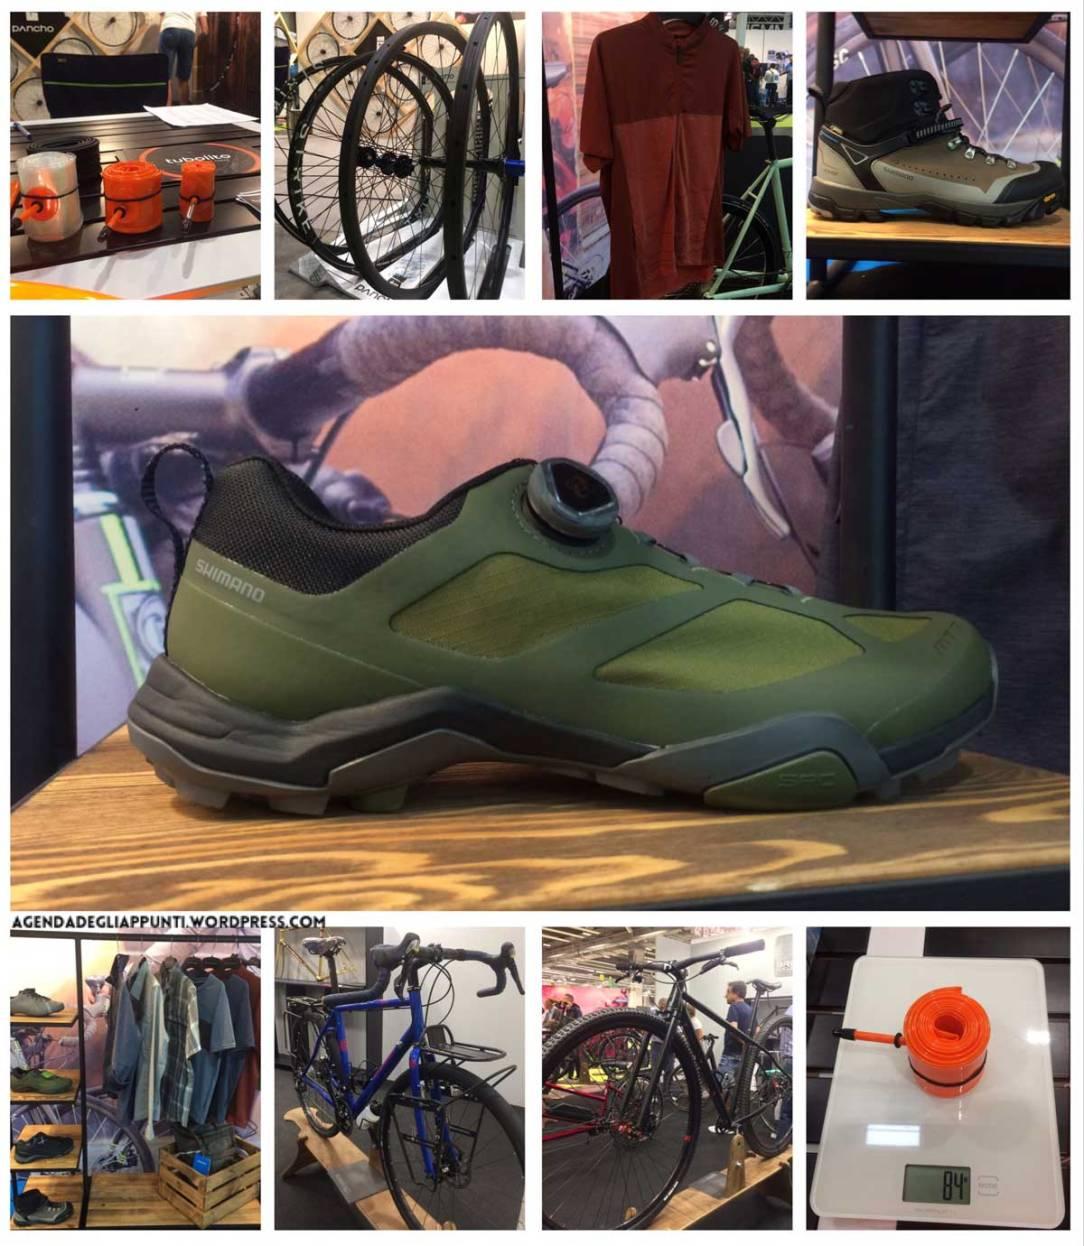 report cosmo bike show verona visita agli stand shimano components abbigliamento scarpe tubolito camere d'aria bressan bike pancho wheels ruote mtb custom customizzato personalizzato